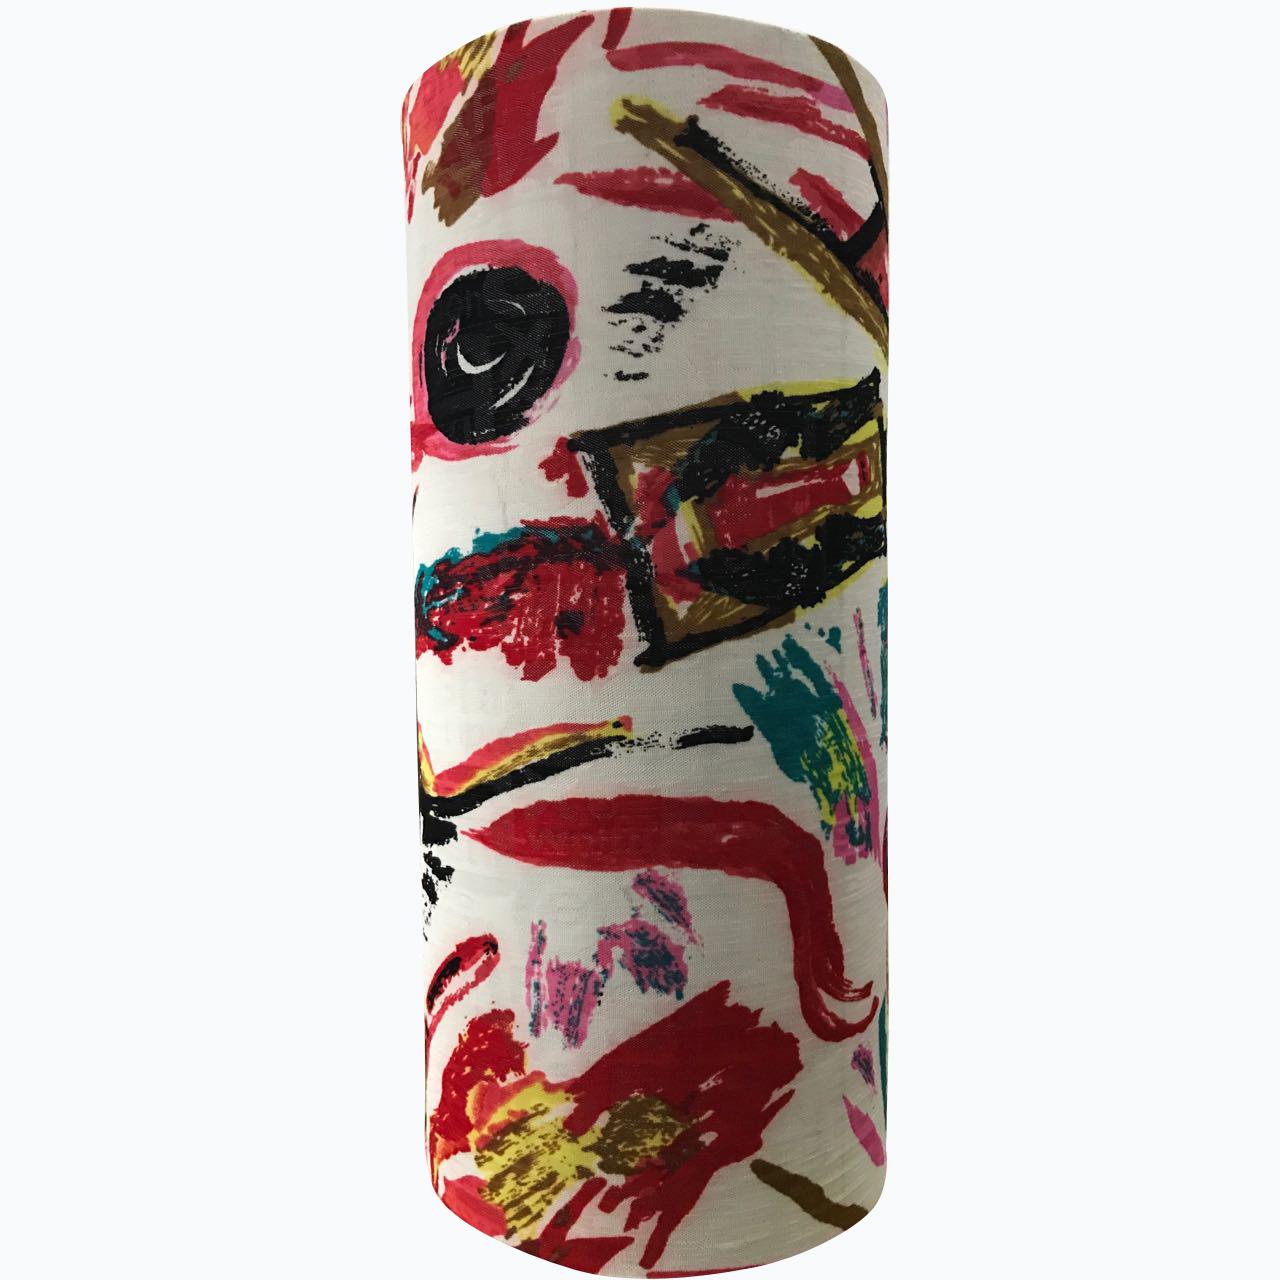 Разнообразие шарф многофункциональный солнцезащитный крем шарф жаккард ледяной провод нагрудник верховая езда головной убор песчаный пляж полотенце верховая езда заставка